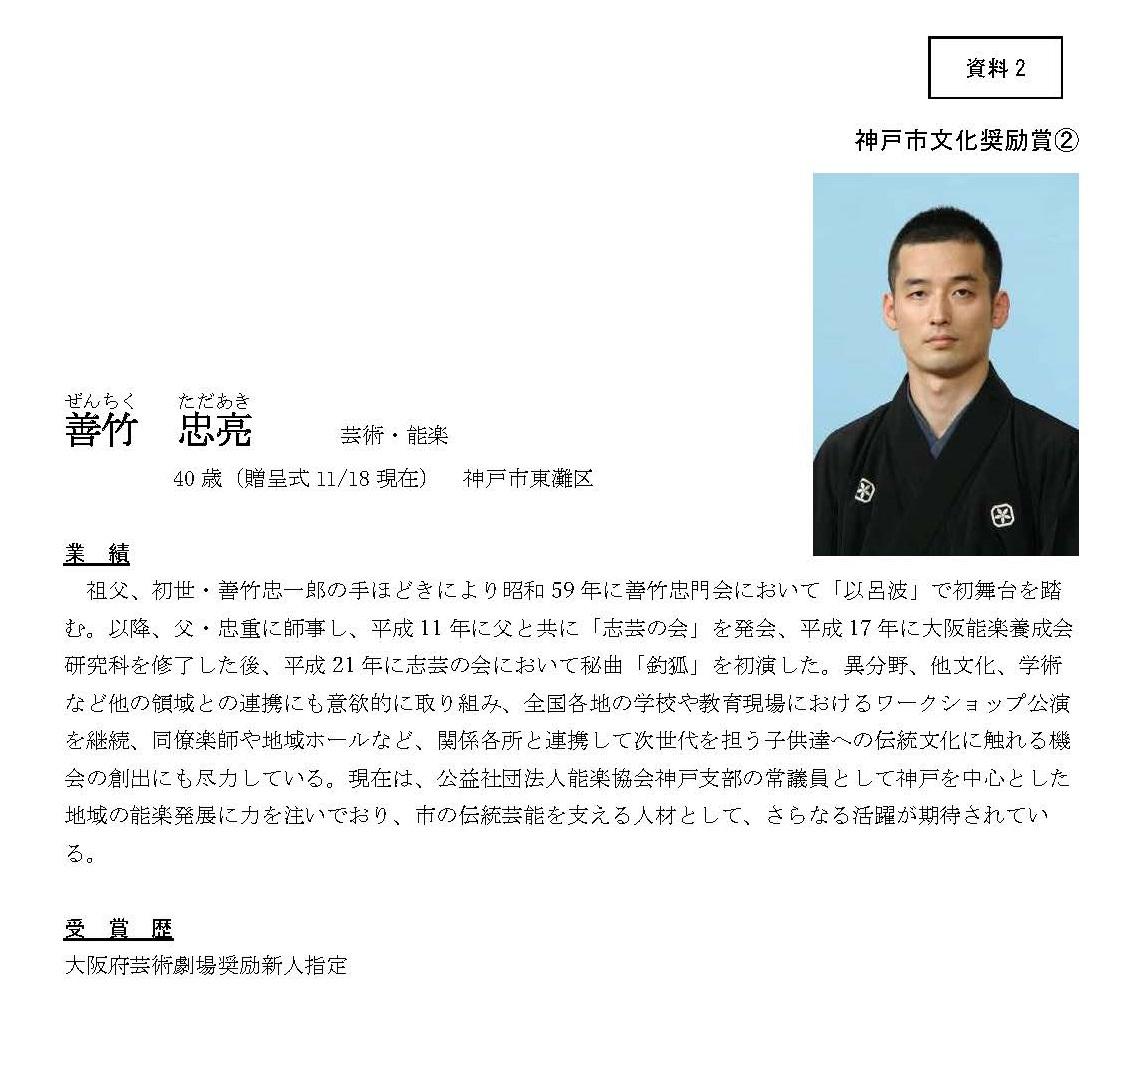 善竹忠亮氏 令和2年度神戸市文化奨励賞